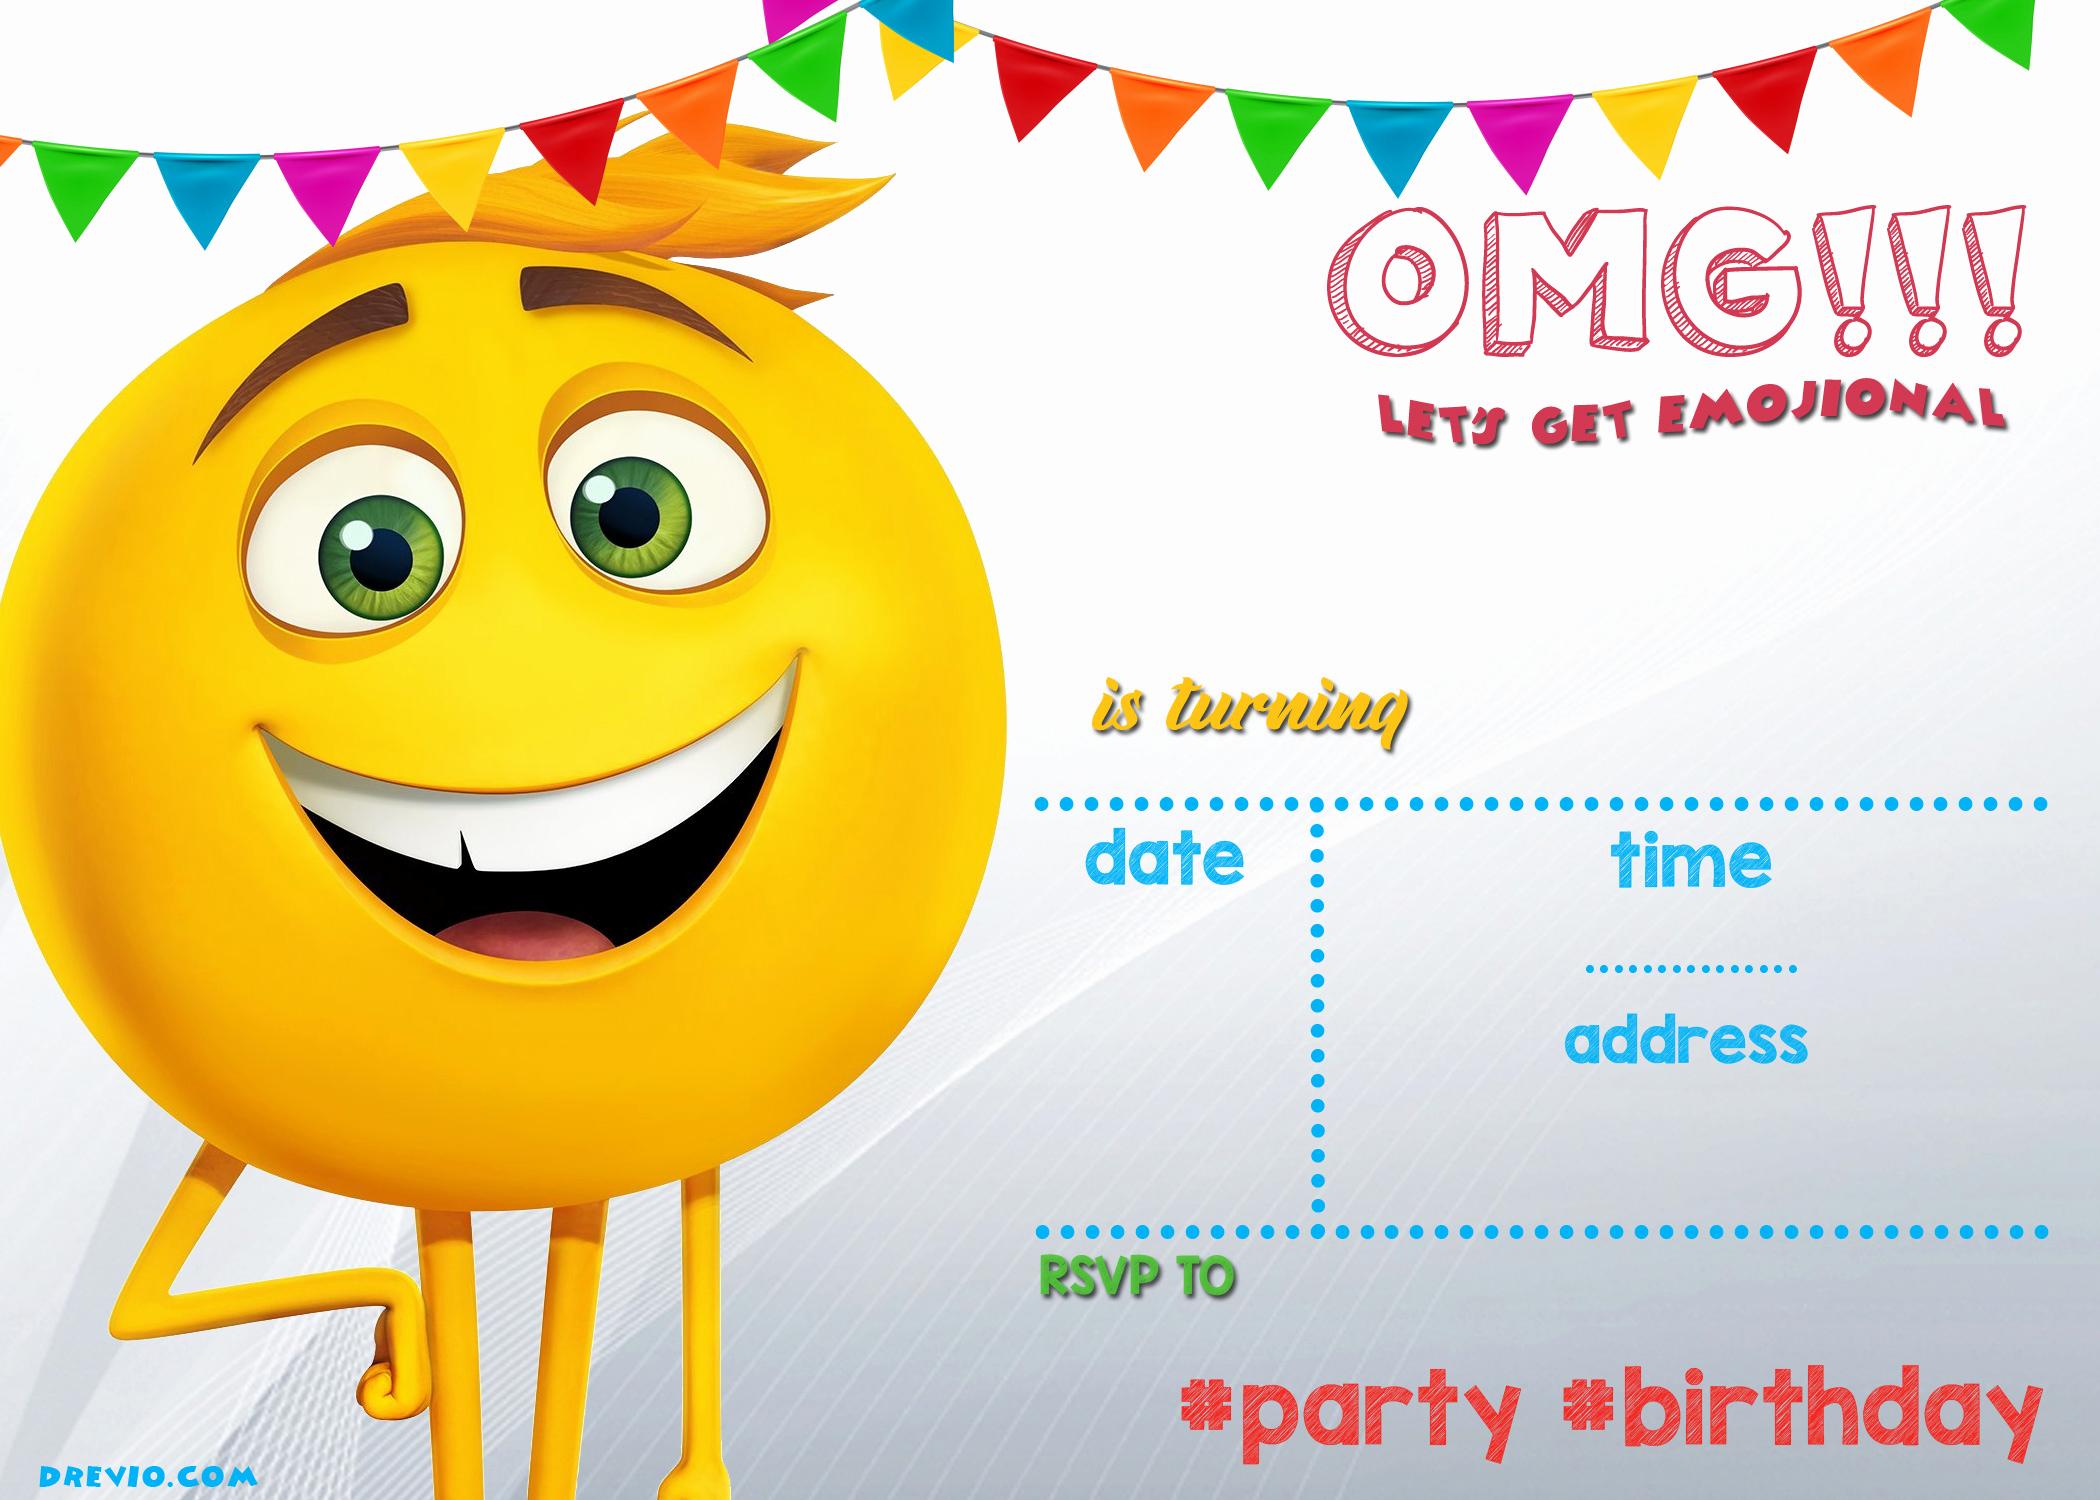 Emoji Birthday Invitation Template Elegant Free Printable Emoji Invitation Template